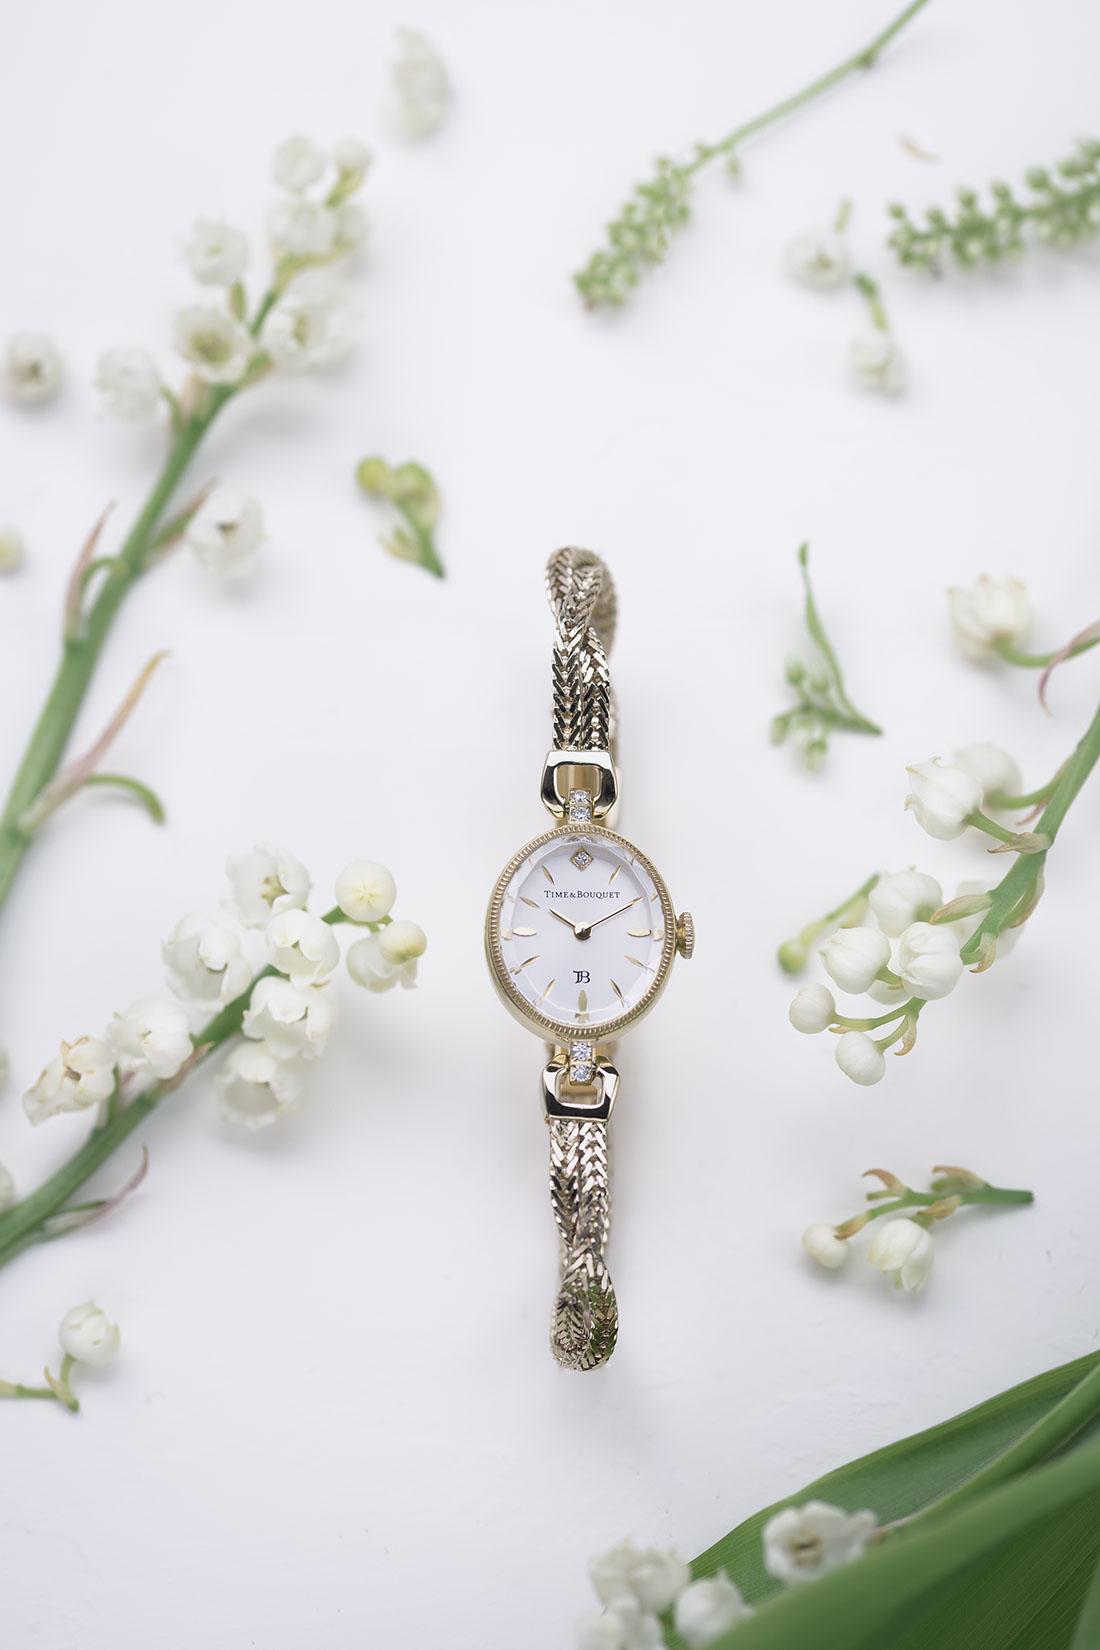 すずらんの花に囲まれたブレスレット型腕時計Muguet(ミュゲ)